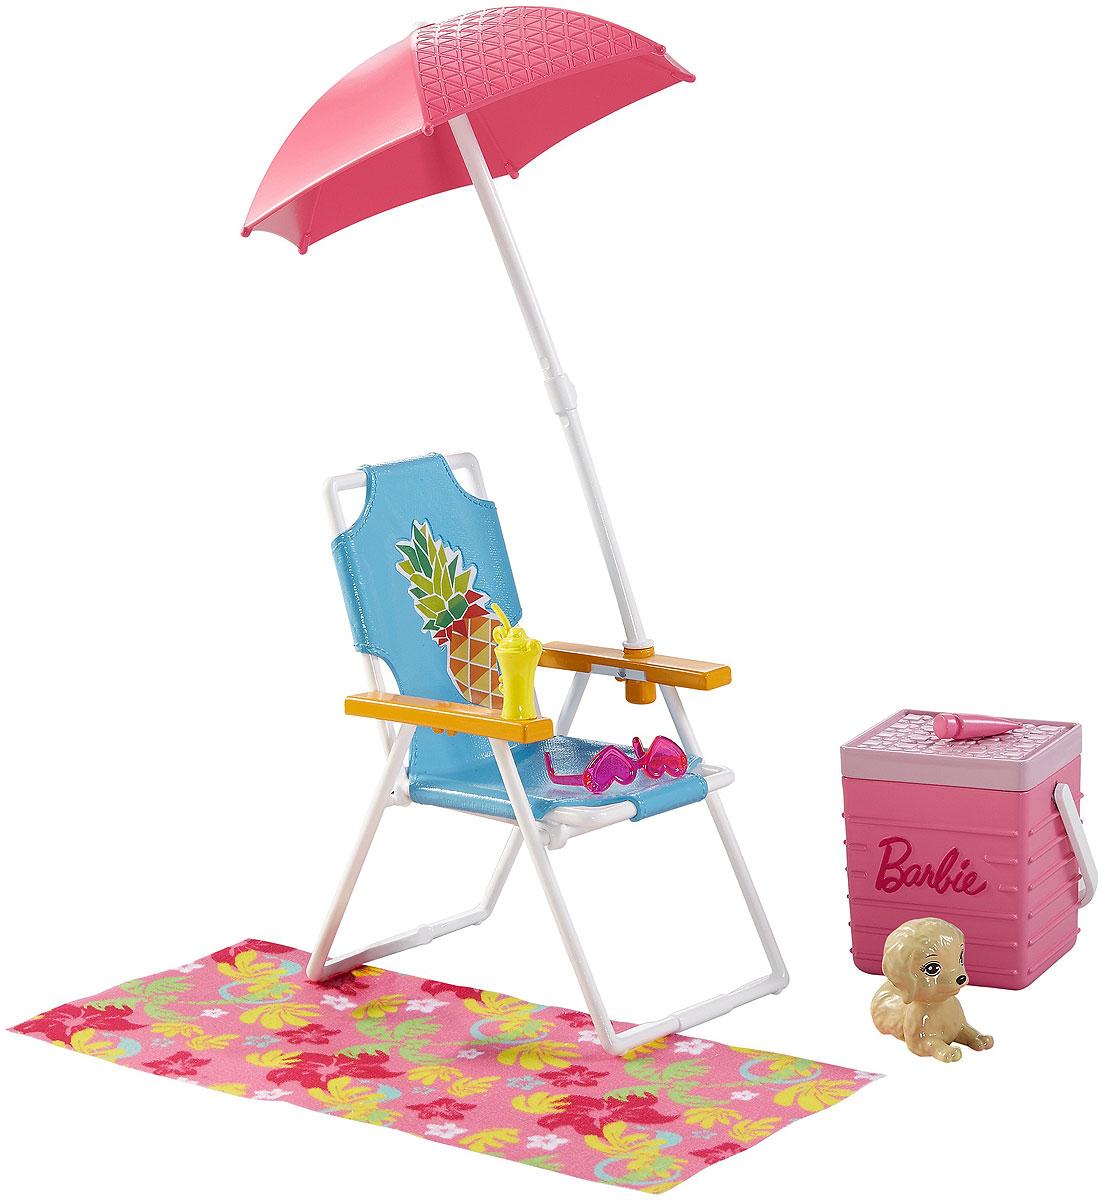 Barbie Мебель для кукол Отдых на природе ПикникDXB69_DVX49Проведите ленивый день, валясь на солнце вместе с Barbie. Стул, зонт от солнца, корзина для пикника и другие аксессуары помогут устроить настоящий праздник на улице. Кукле будет и с кем поиграть - в наборе имеется фигурка щенка. Соберите всю мебель и аксессуары, чтобы создать полноценный интерьер для вашей куклы Barbie. Кукла в набор не входит.